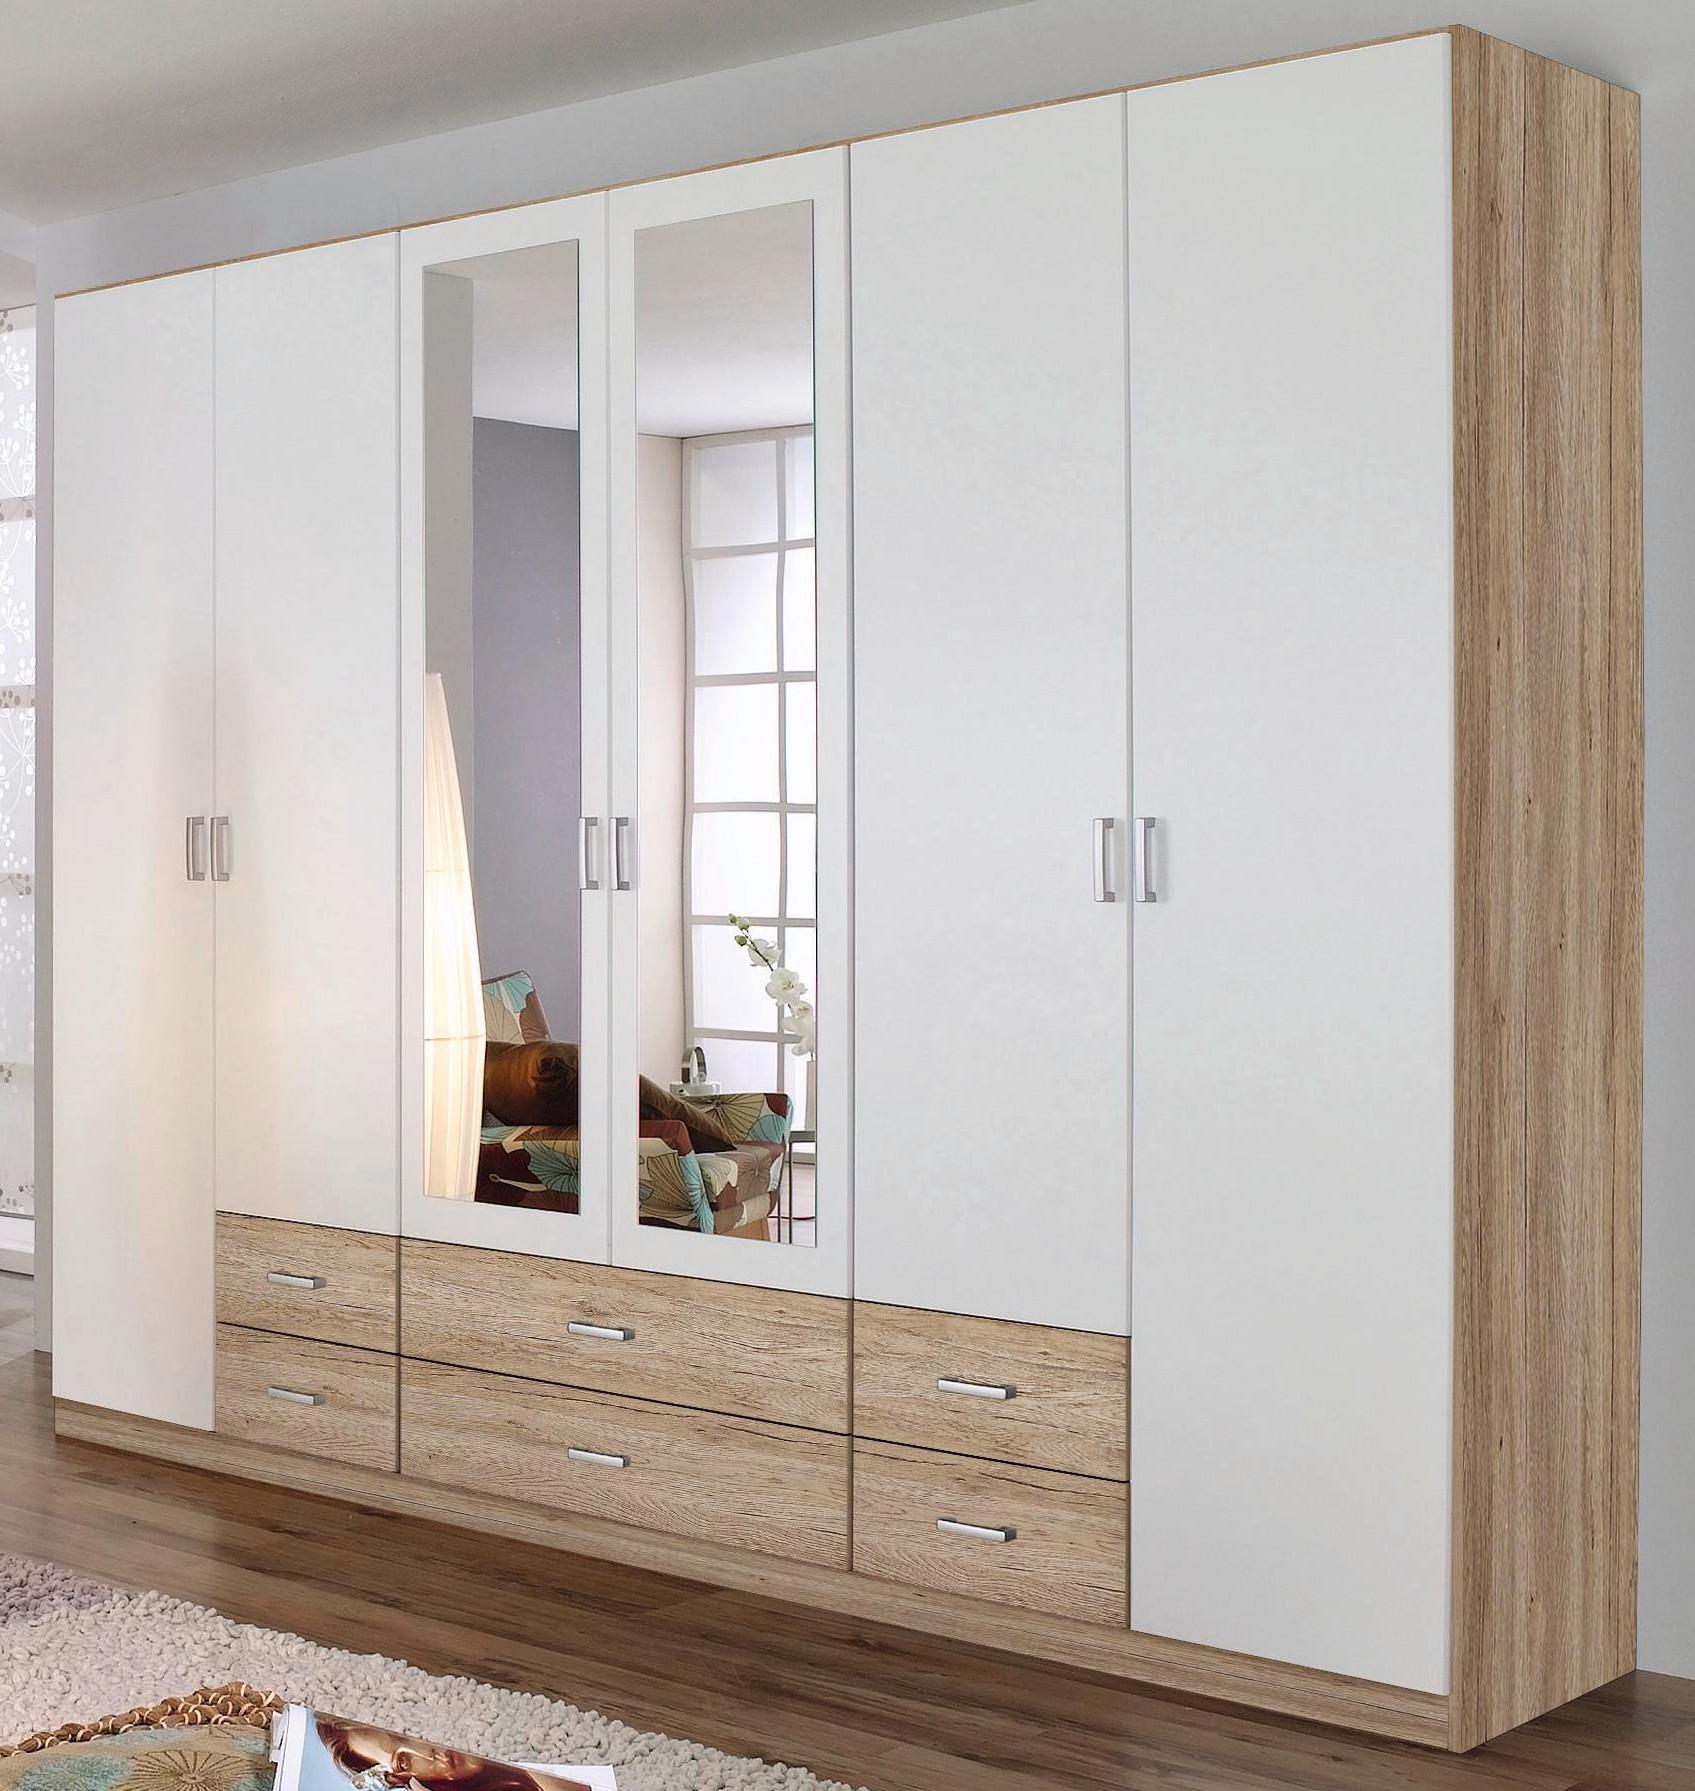 rauch dreht renschrank 6 t rig 6 schubk sten 6 farben kleiderschrank ebay. Black Bedroom Furniture Sets. Home Design Ideas